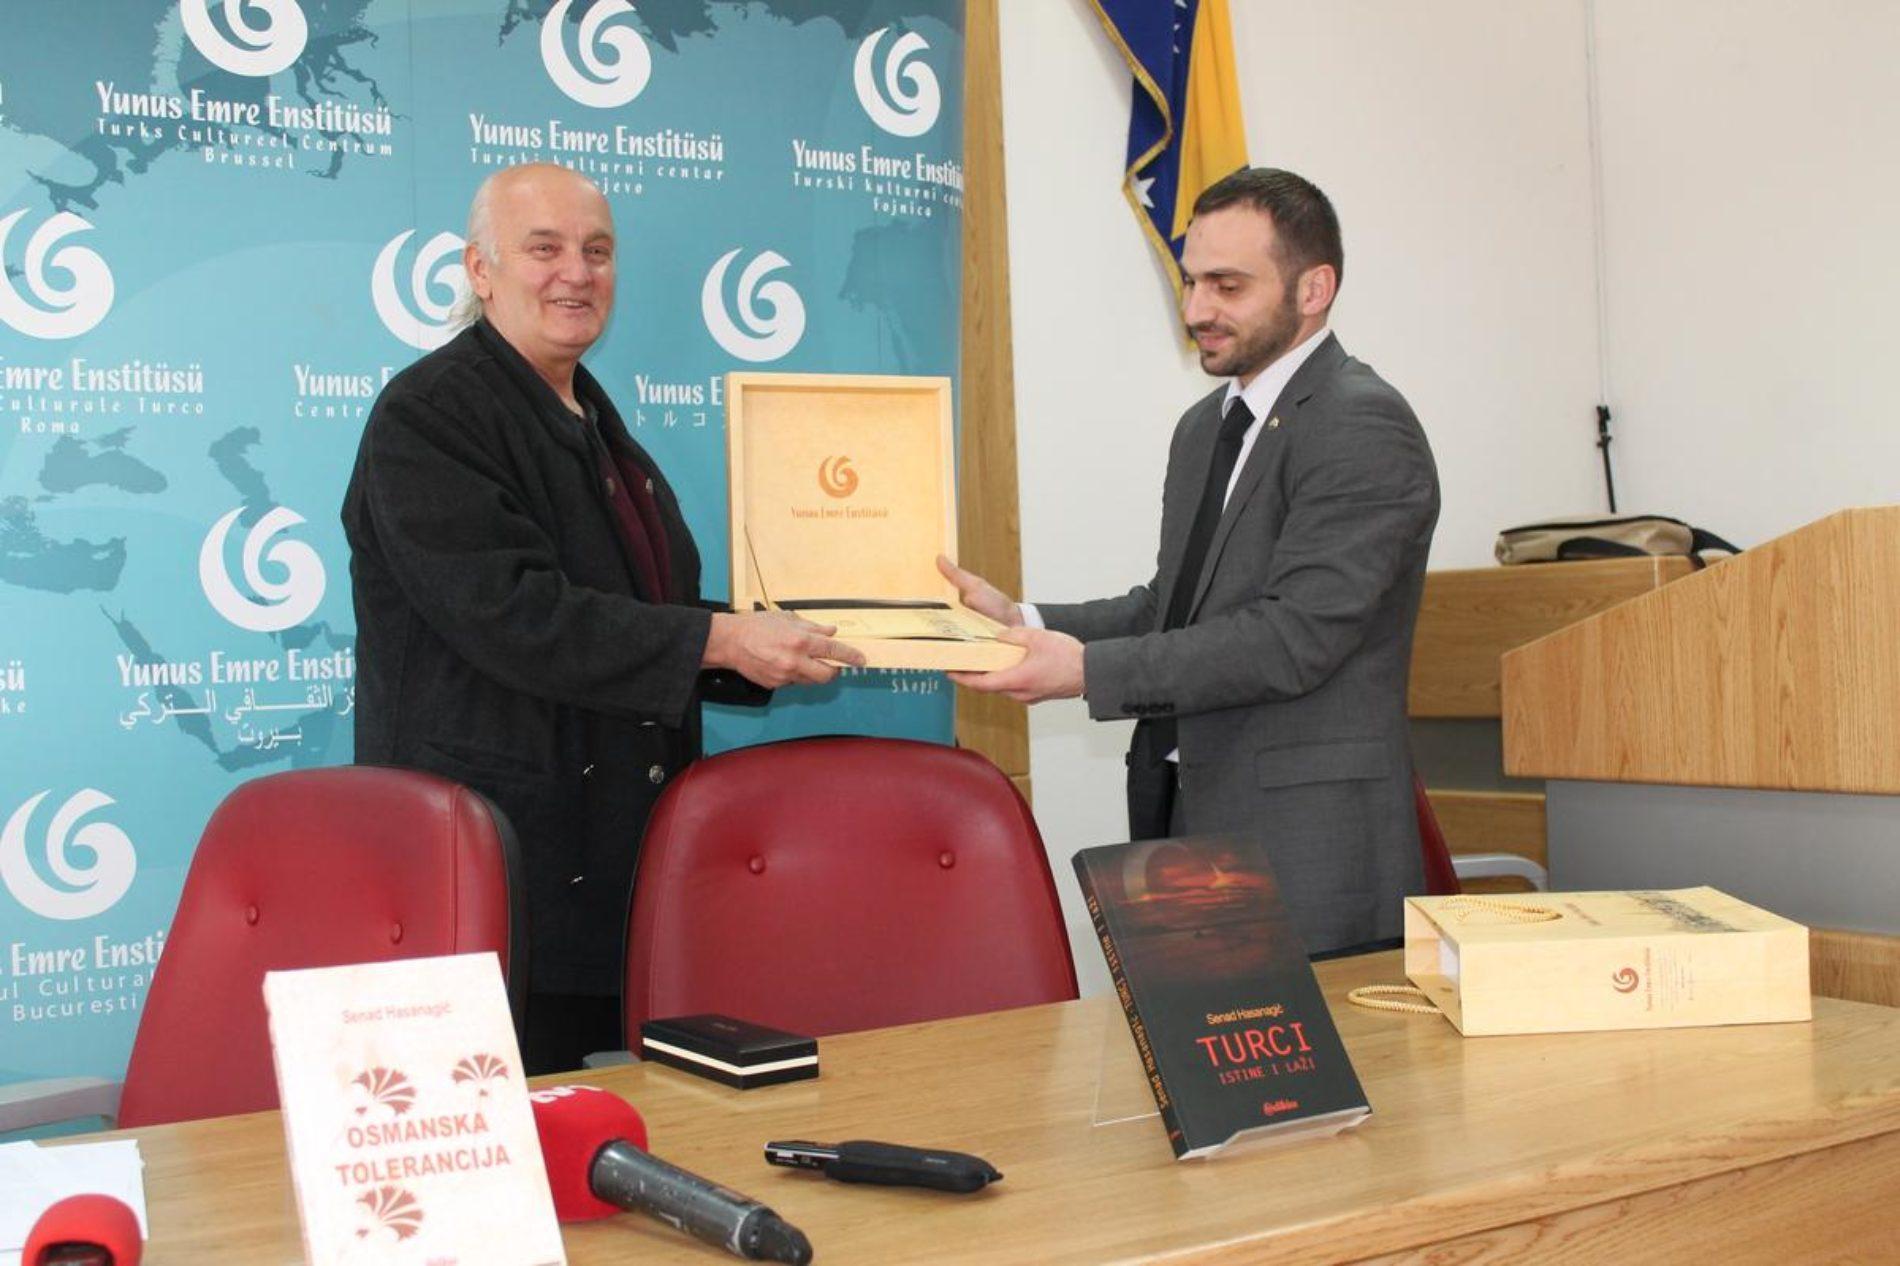 """Mostar: Promovirane knjige """"Osmanska tolerancija"""" i """"Turci, istine i laži"""""""